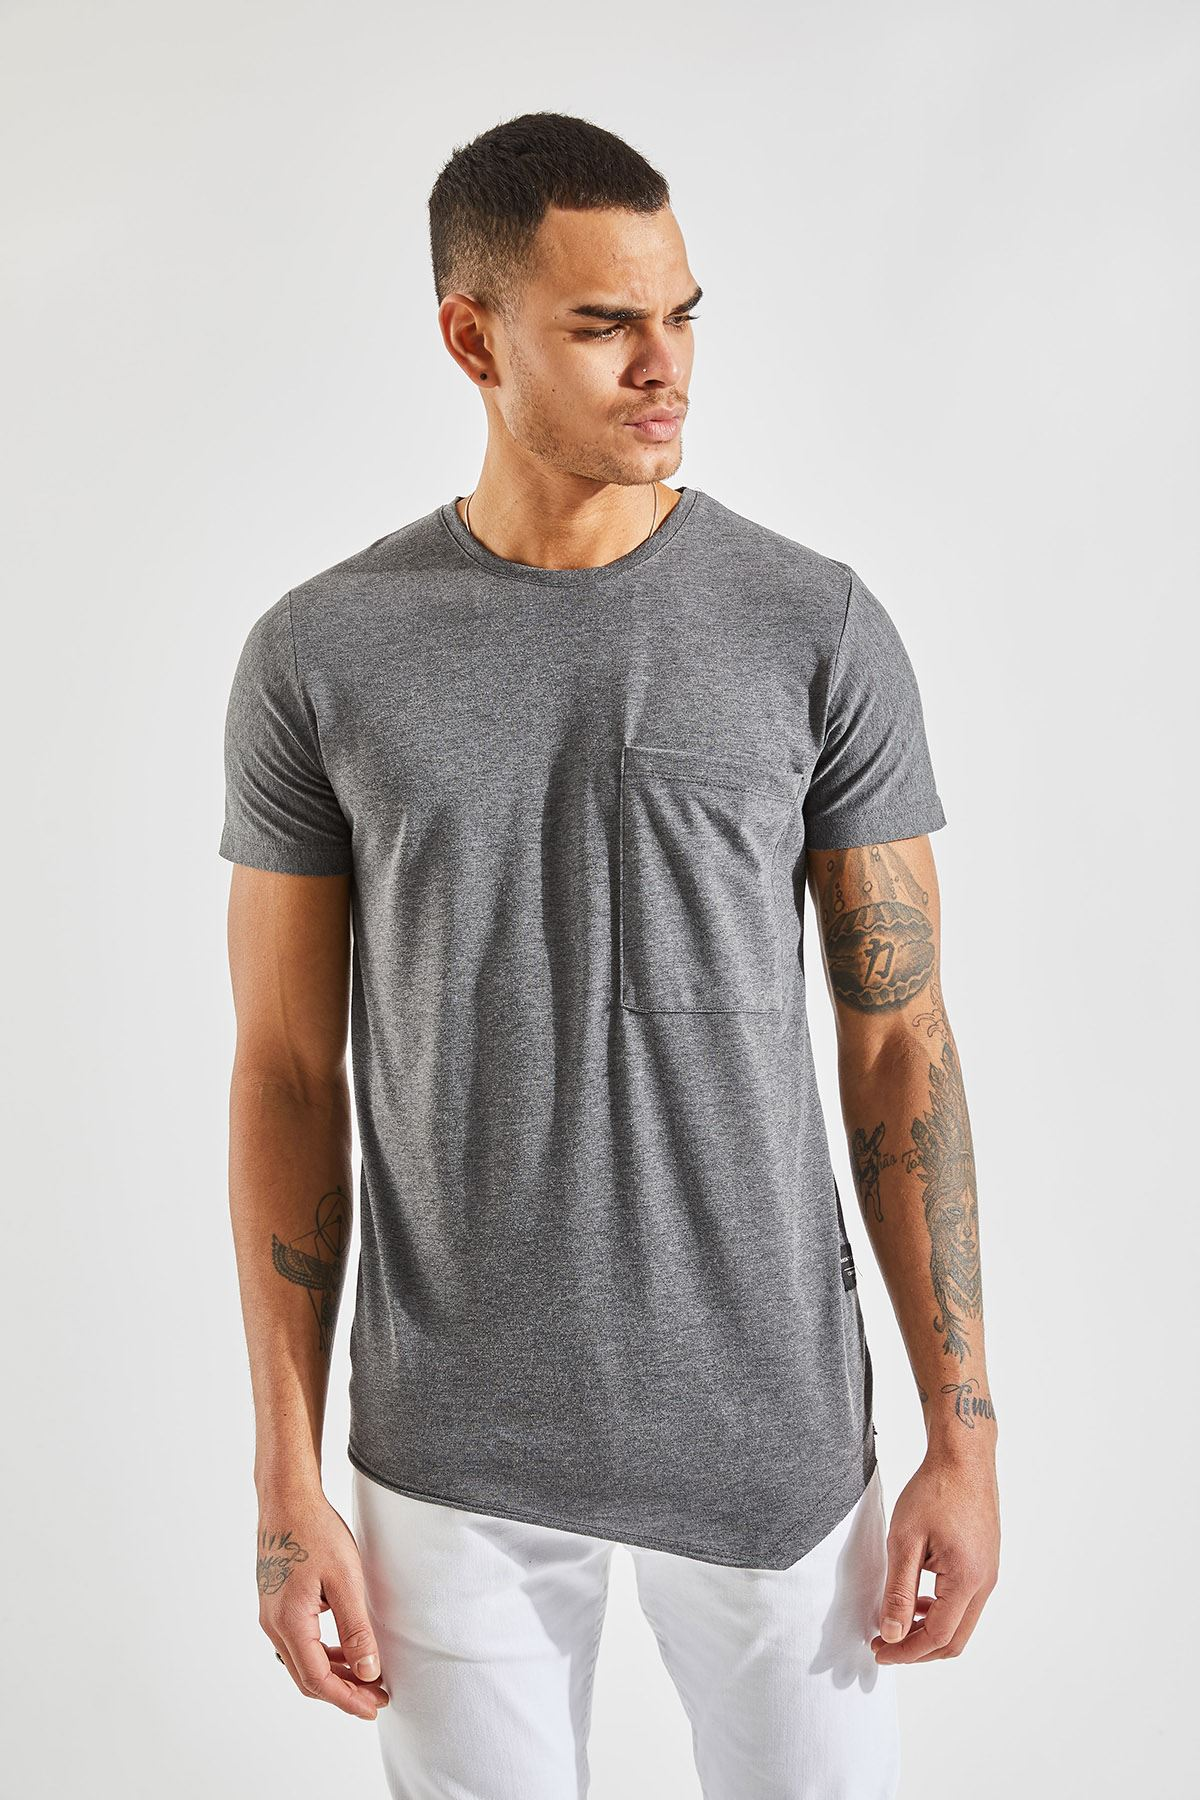 Erkek Verev Kesim Cepli Antrasit Tişört